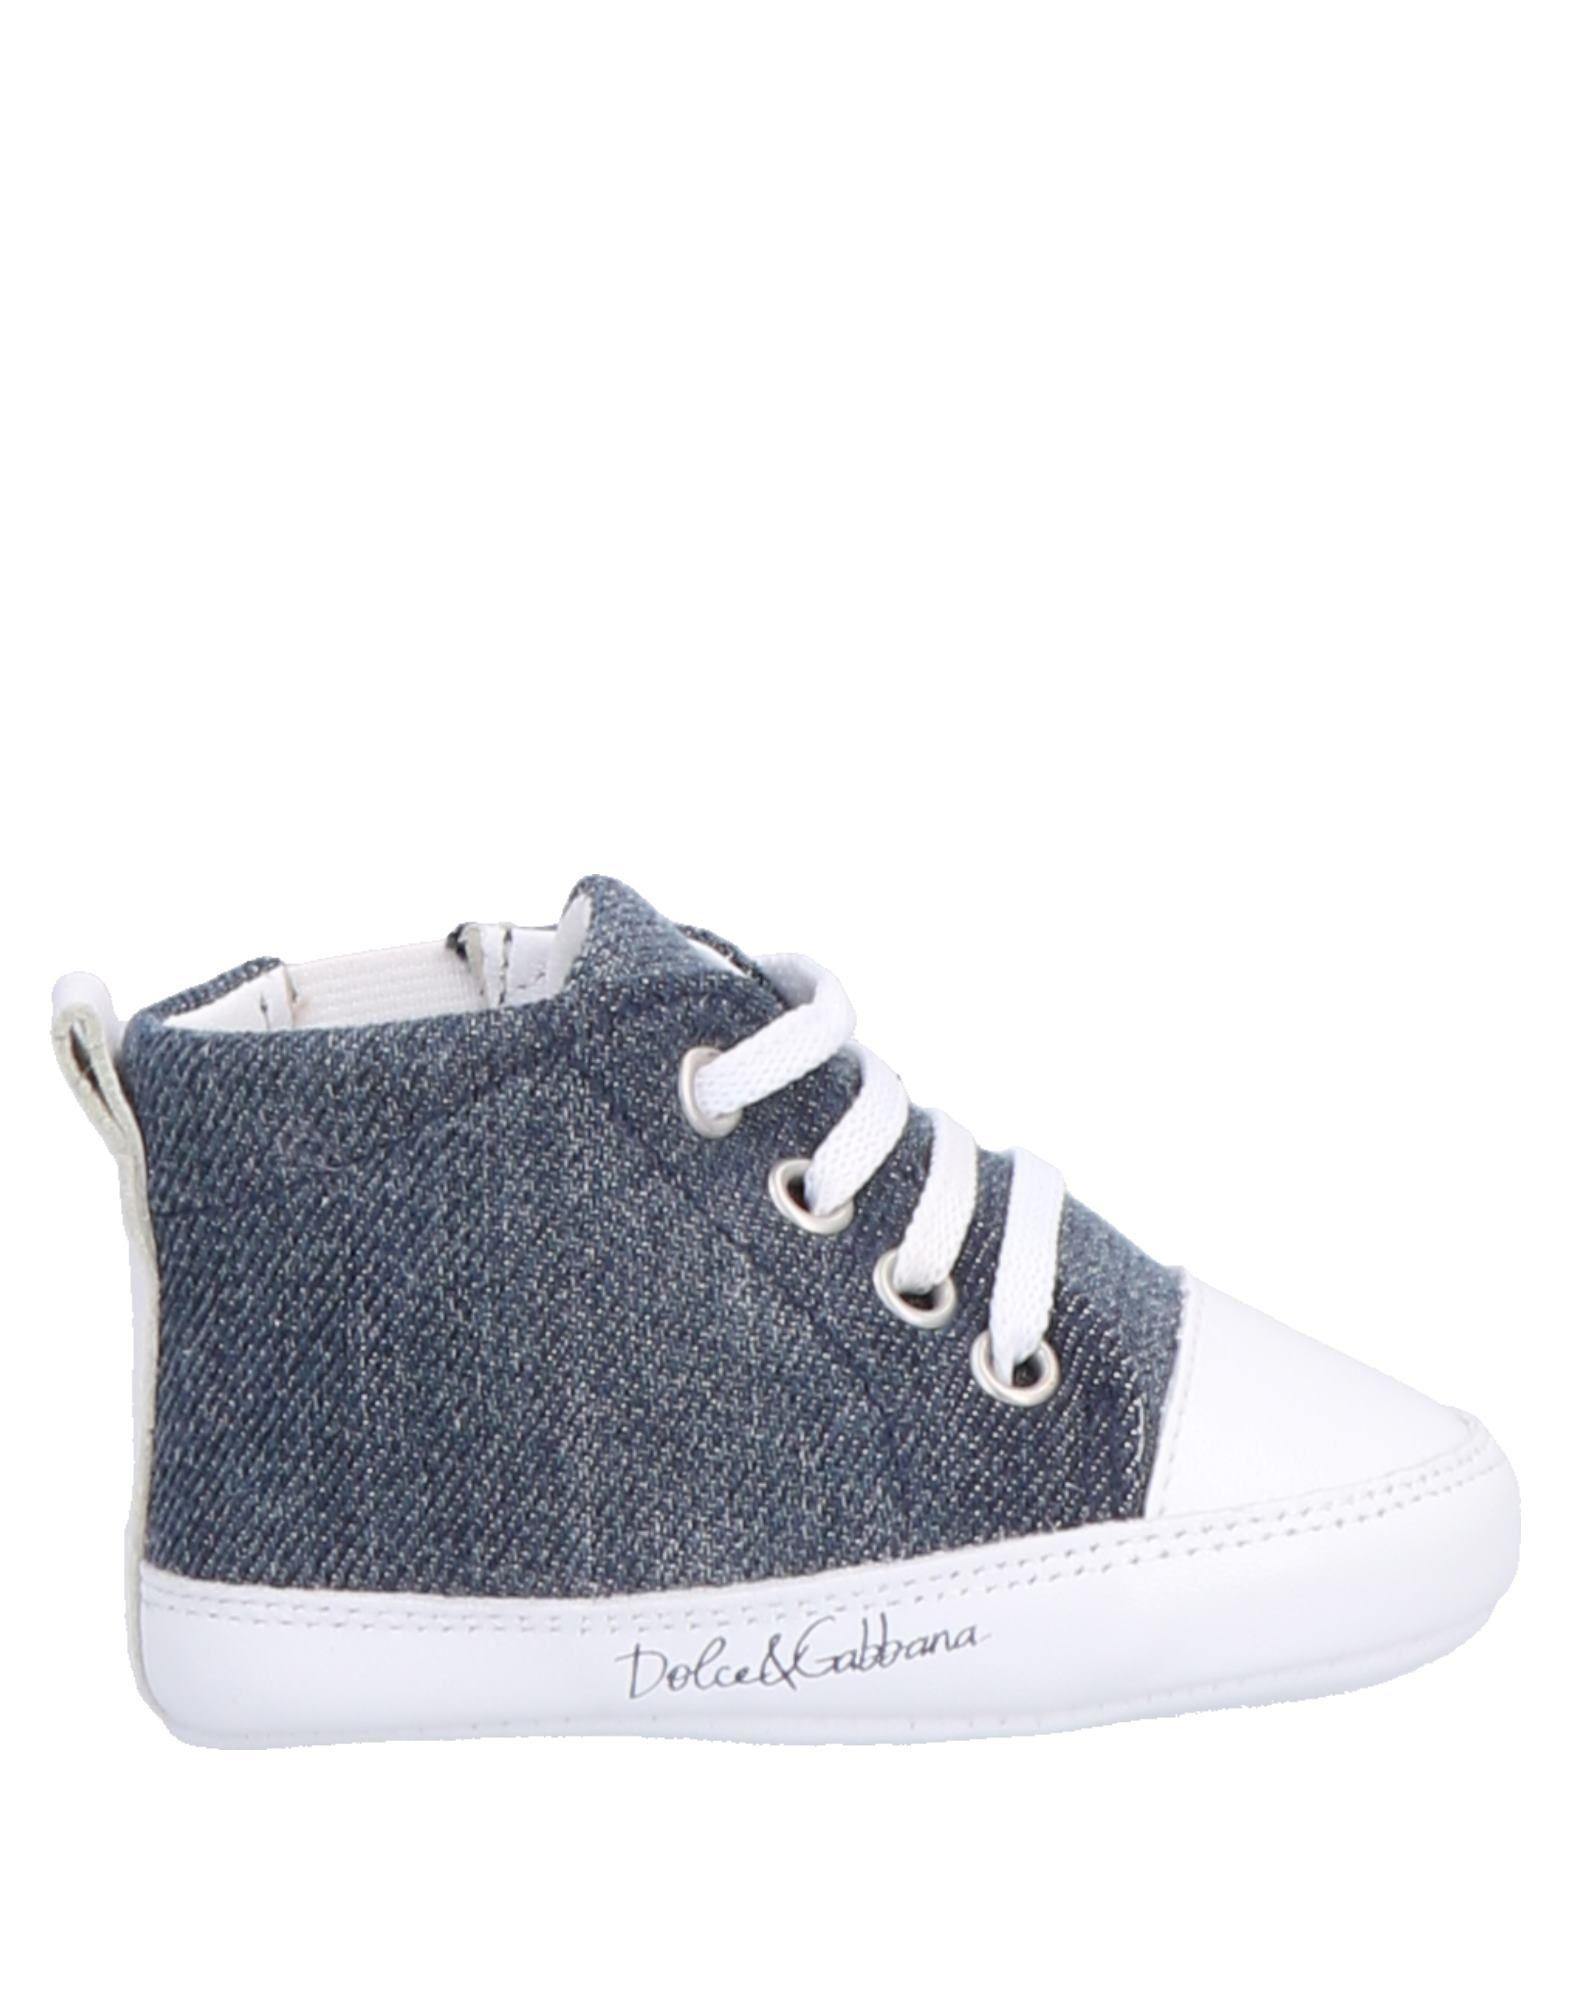 DOLCE & GABBANA Обувь для новорожденных обувь для детей